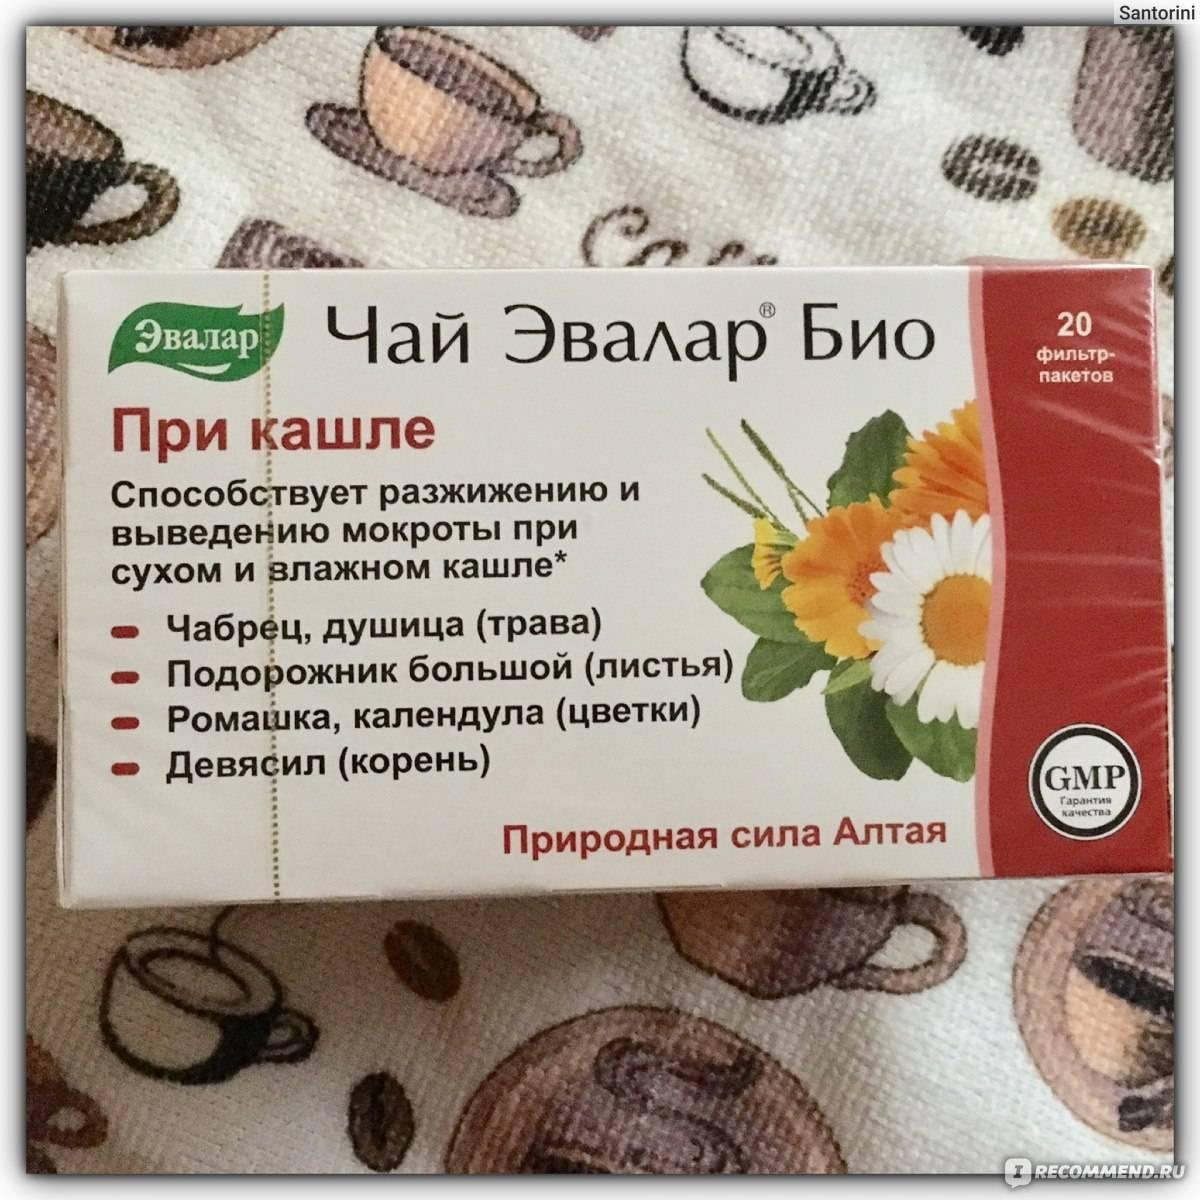 Кашель народное средство чай